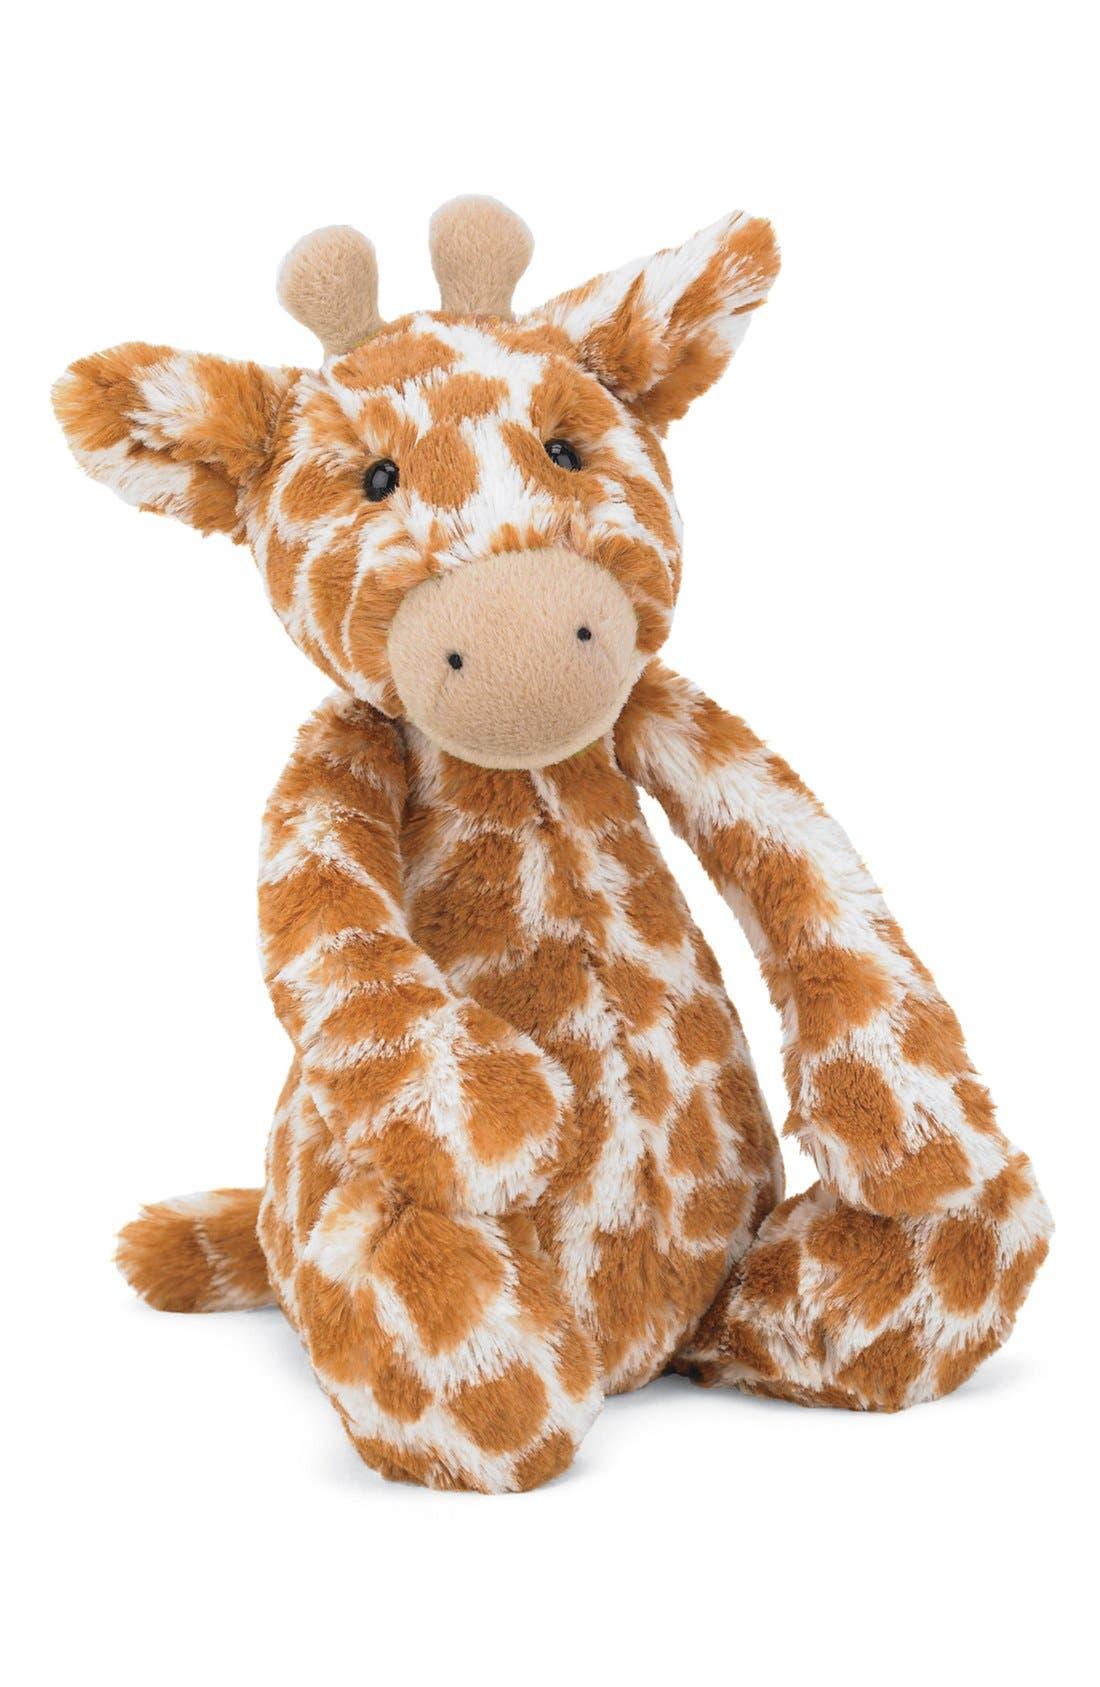 Main Image - Jellycat Bashful Giraffe Stuffed Animal